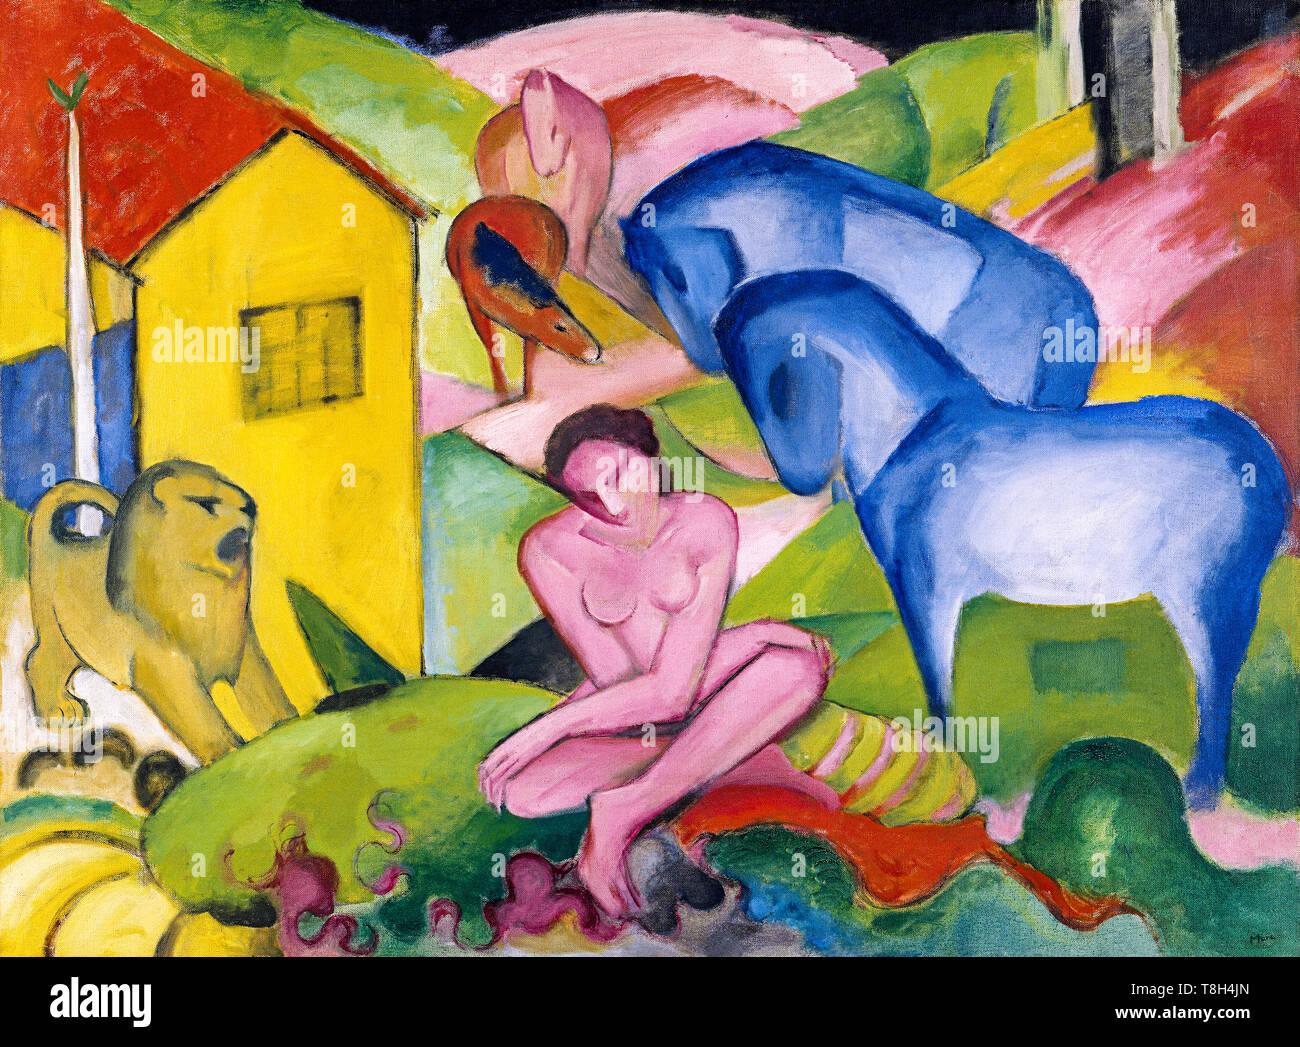 Franz Marc, il sogno, pittura, 1912 Immagini Stock